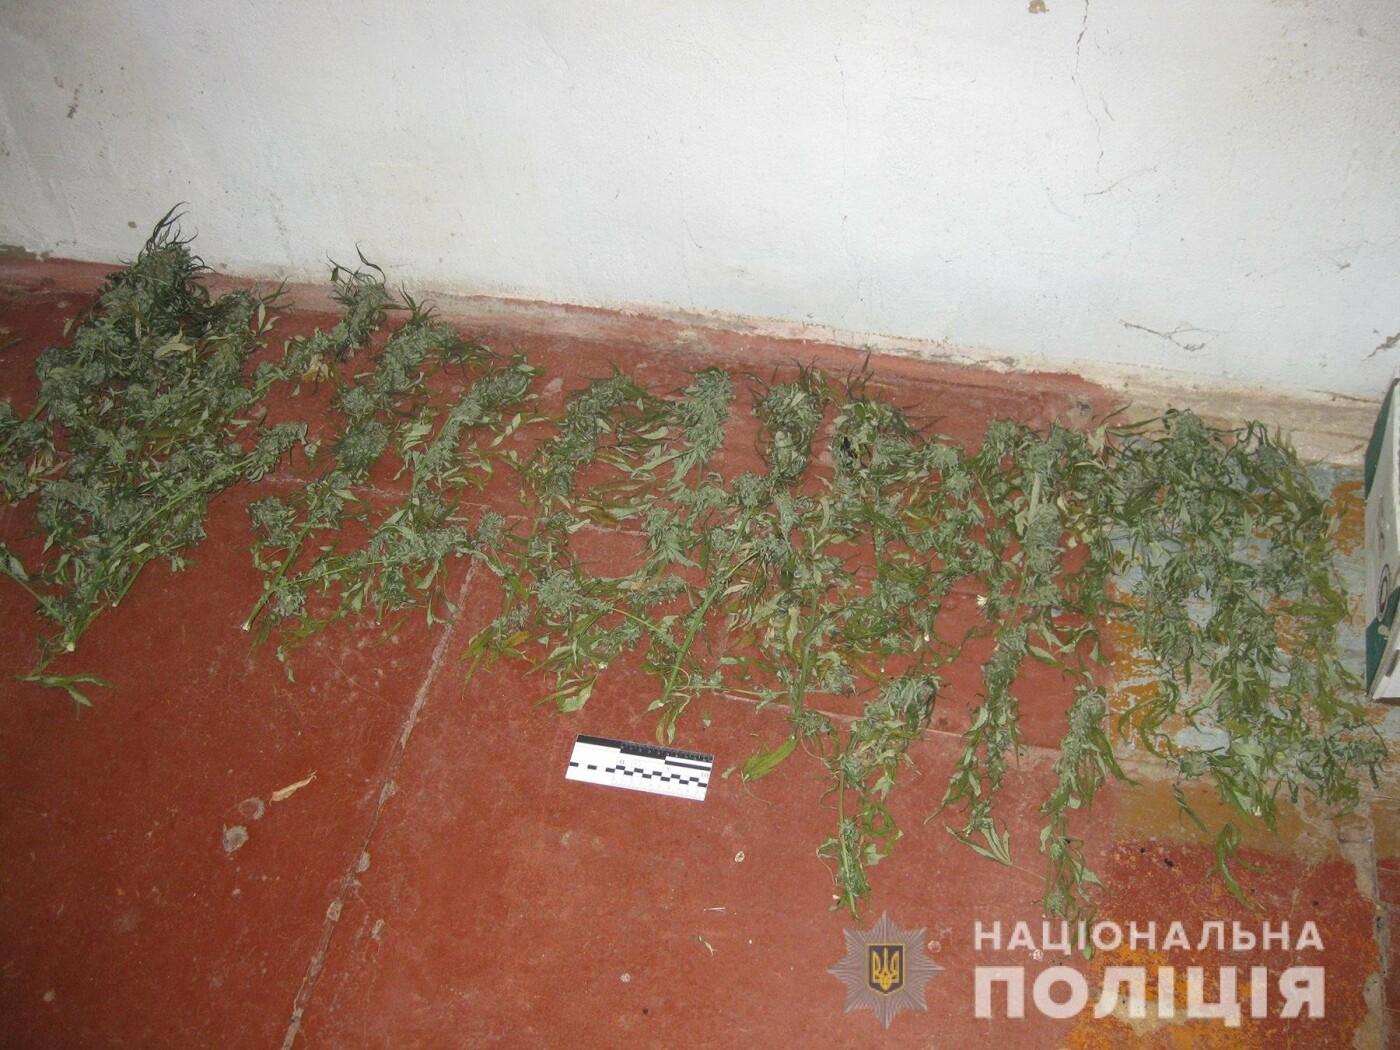 В Запорожской области полицейские разоблачили братьев-близнецов за сбыт и хранение наркотических веществ   , фото-3